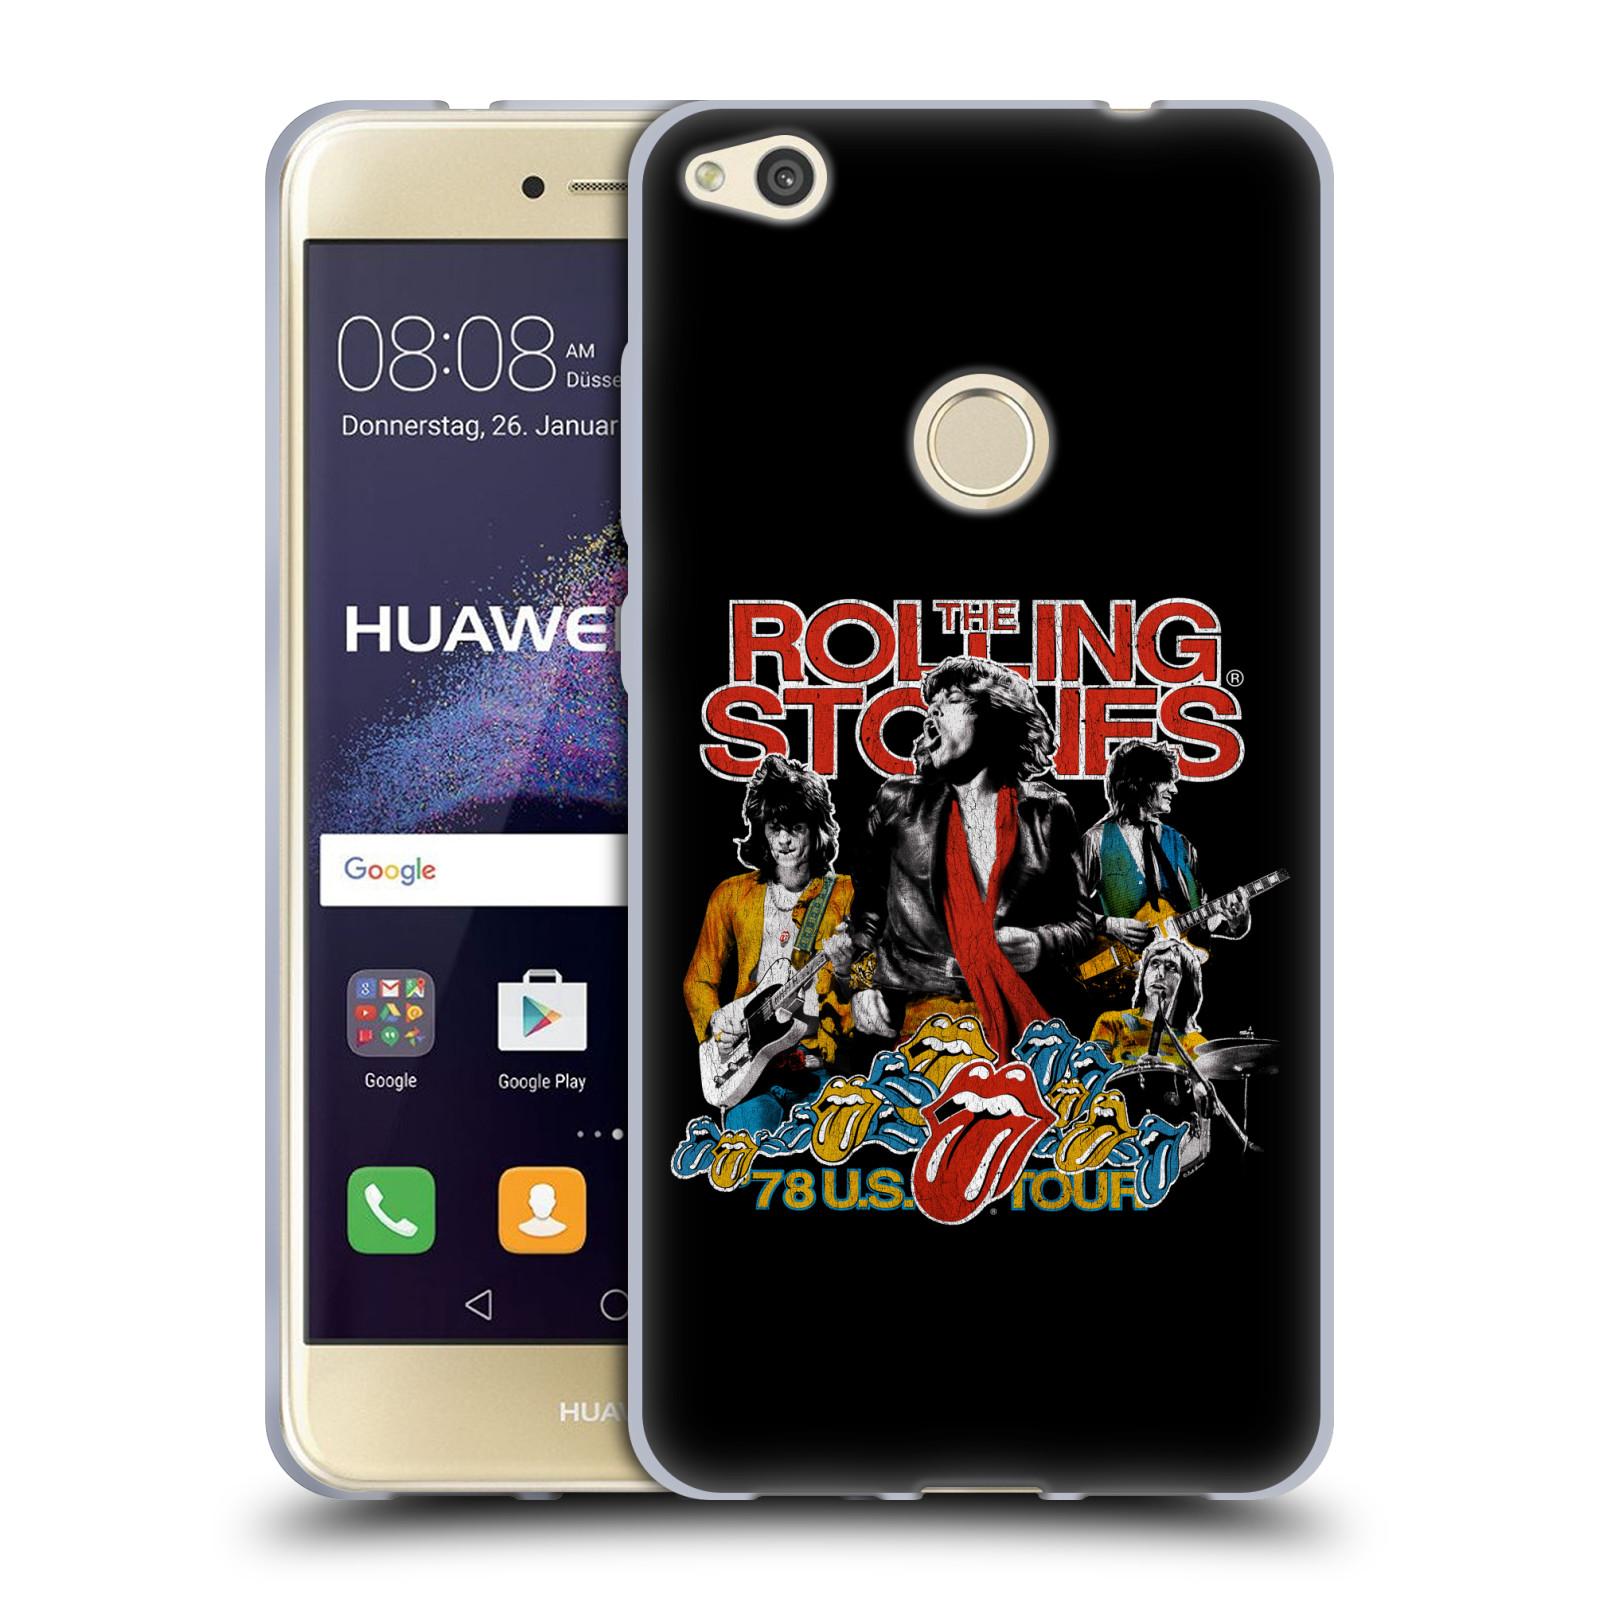 HEAD CASE silikonový obal na mobil Huawei P9 LITE 2017   P9 LITE 2017 DUAL  SIM rocková skupina Rolling Stones barevný motiv 6786b80ffd2